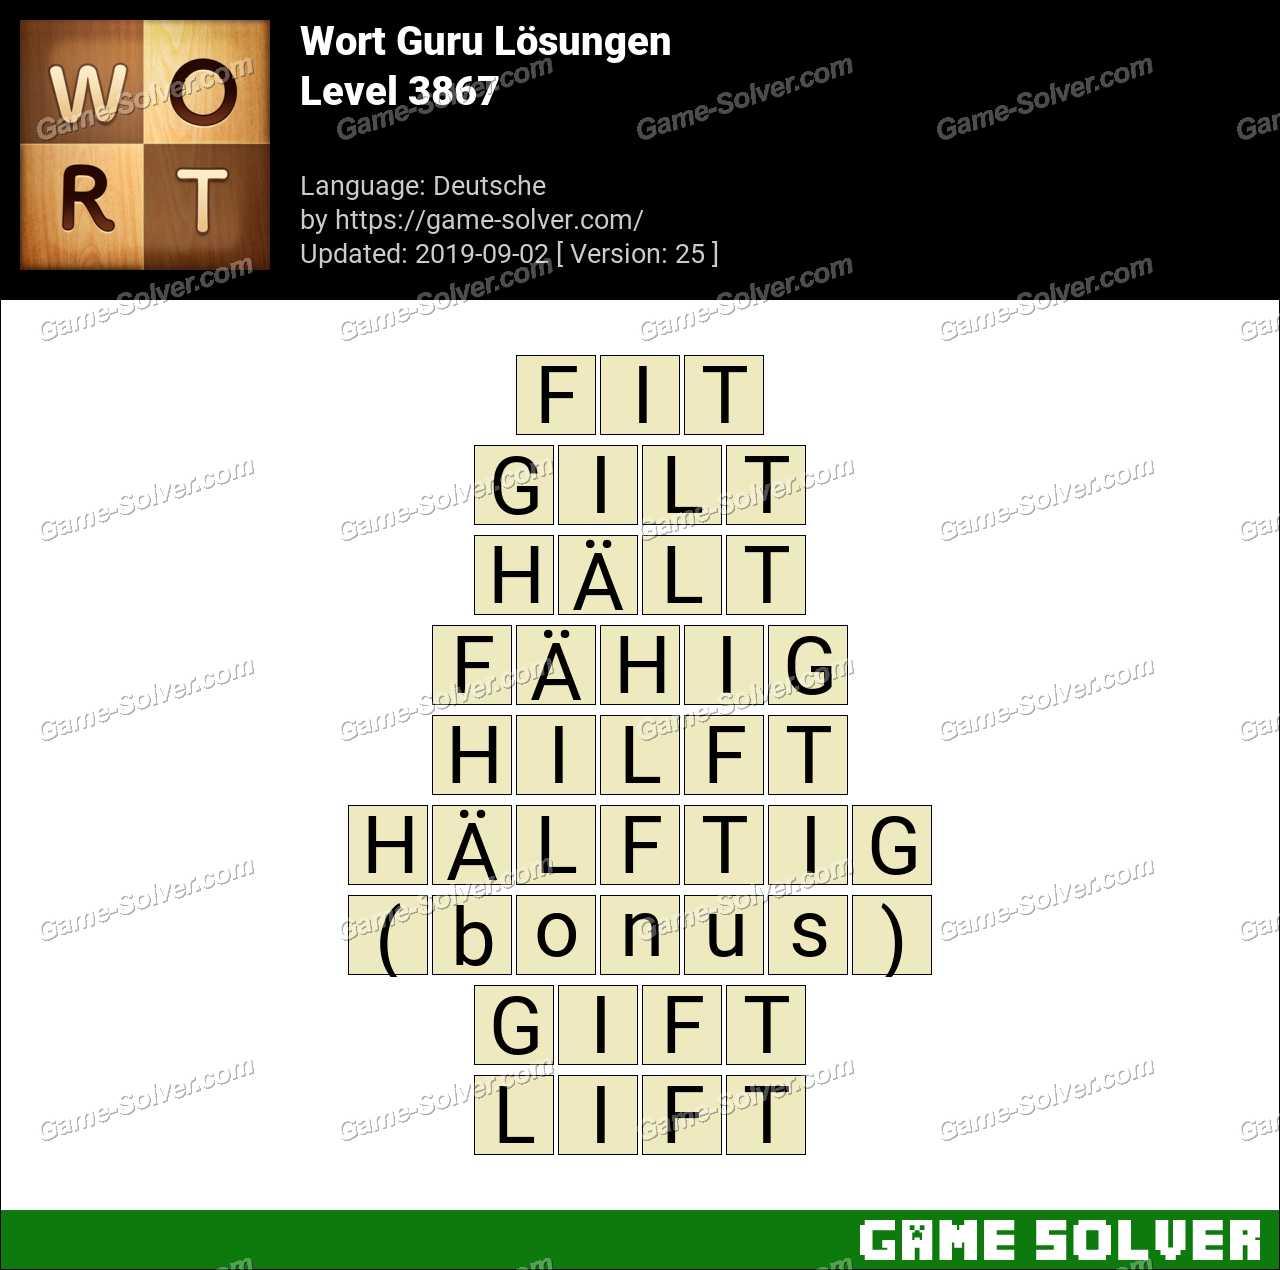 Wort Guru Level 3867 Lösungen